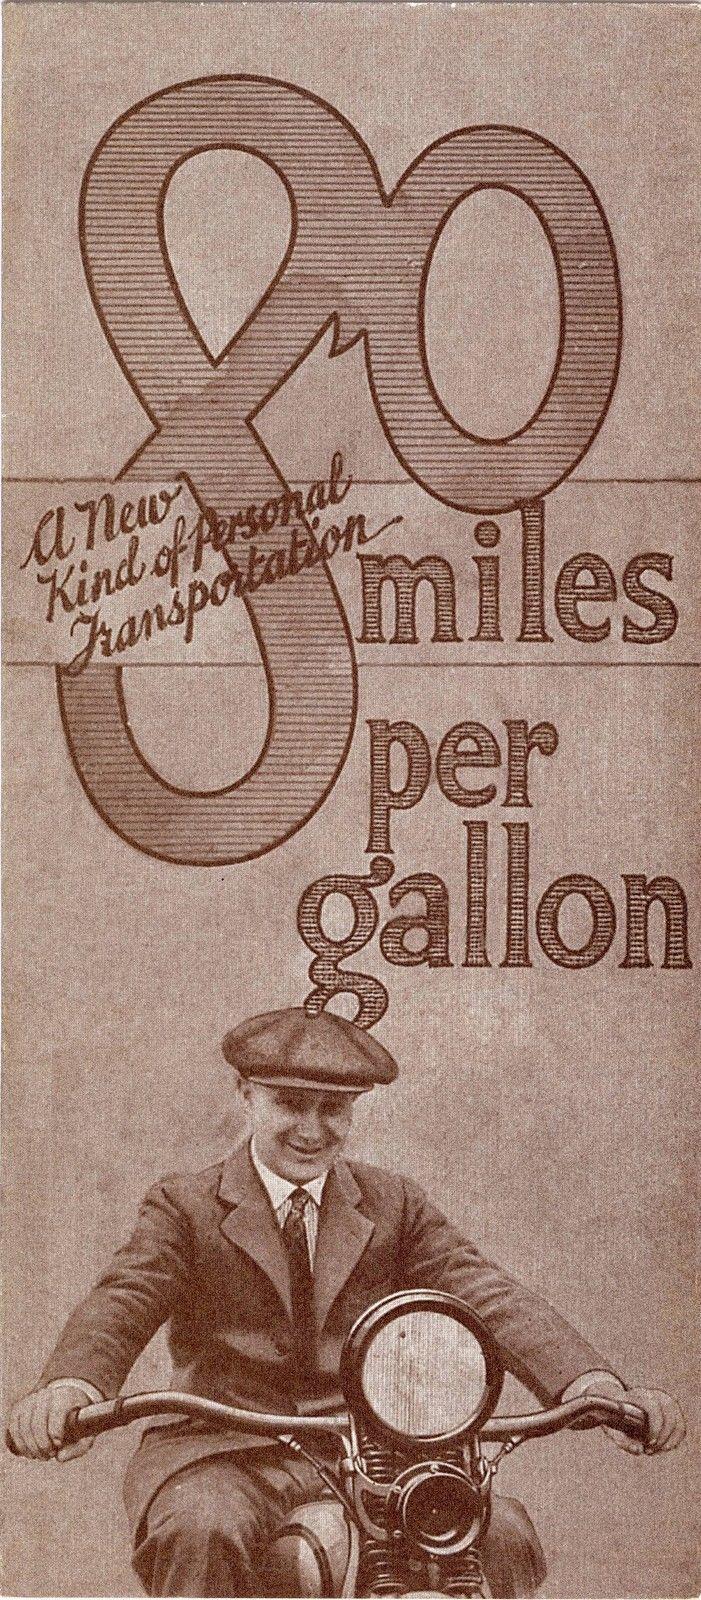 80 miles per gallon